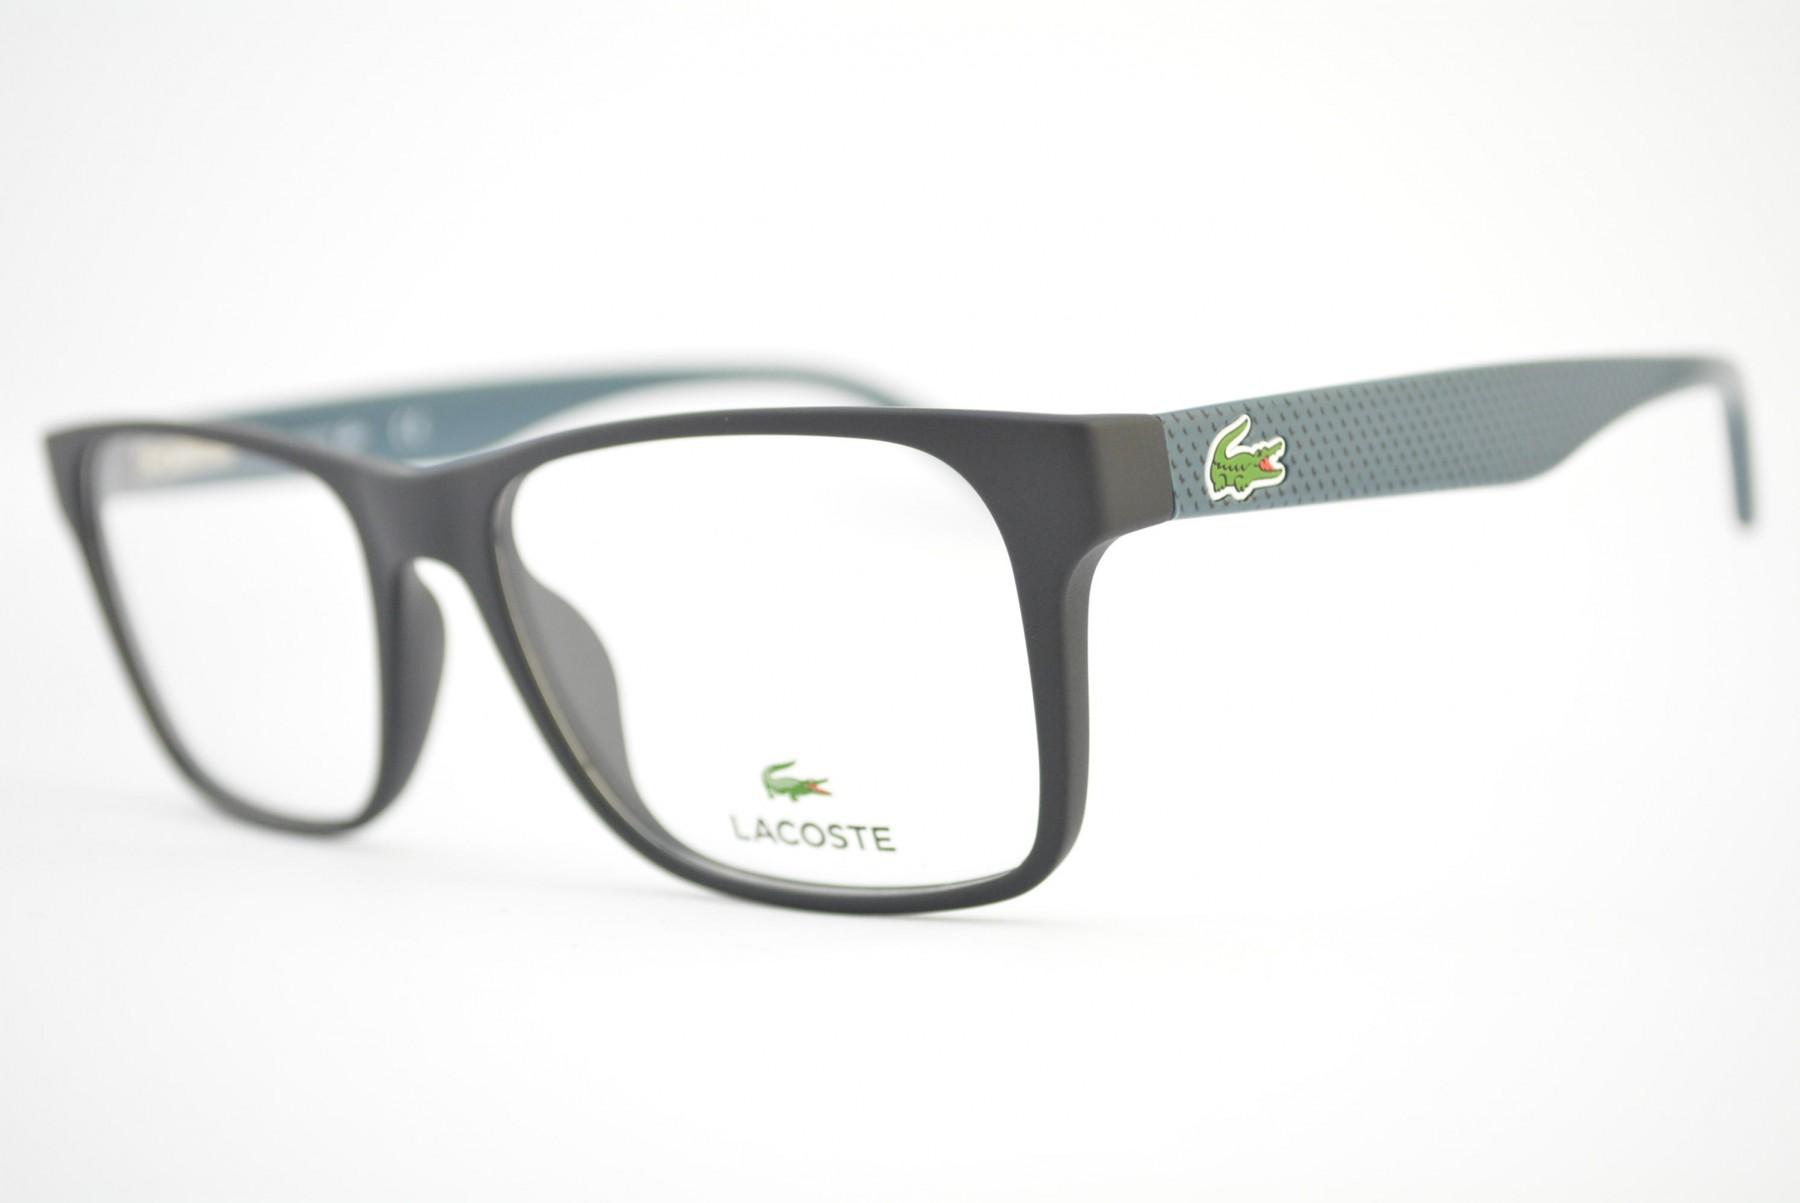 9bfc5d299 armação de óculos Lacoste mod L2741 004. Código: L2741 004